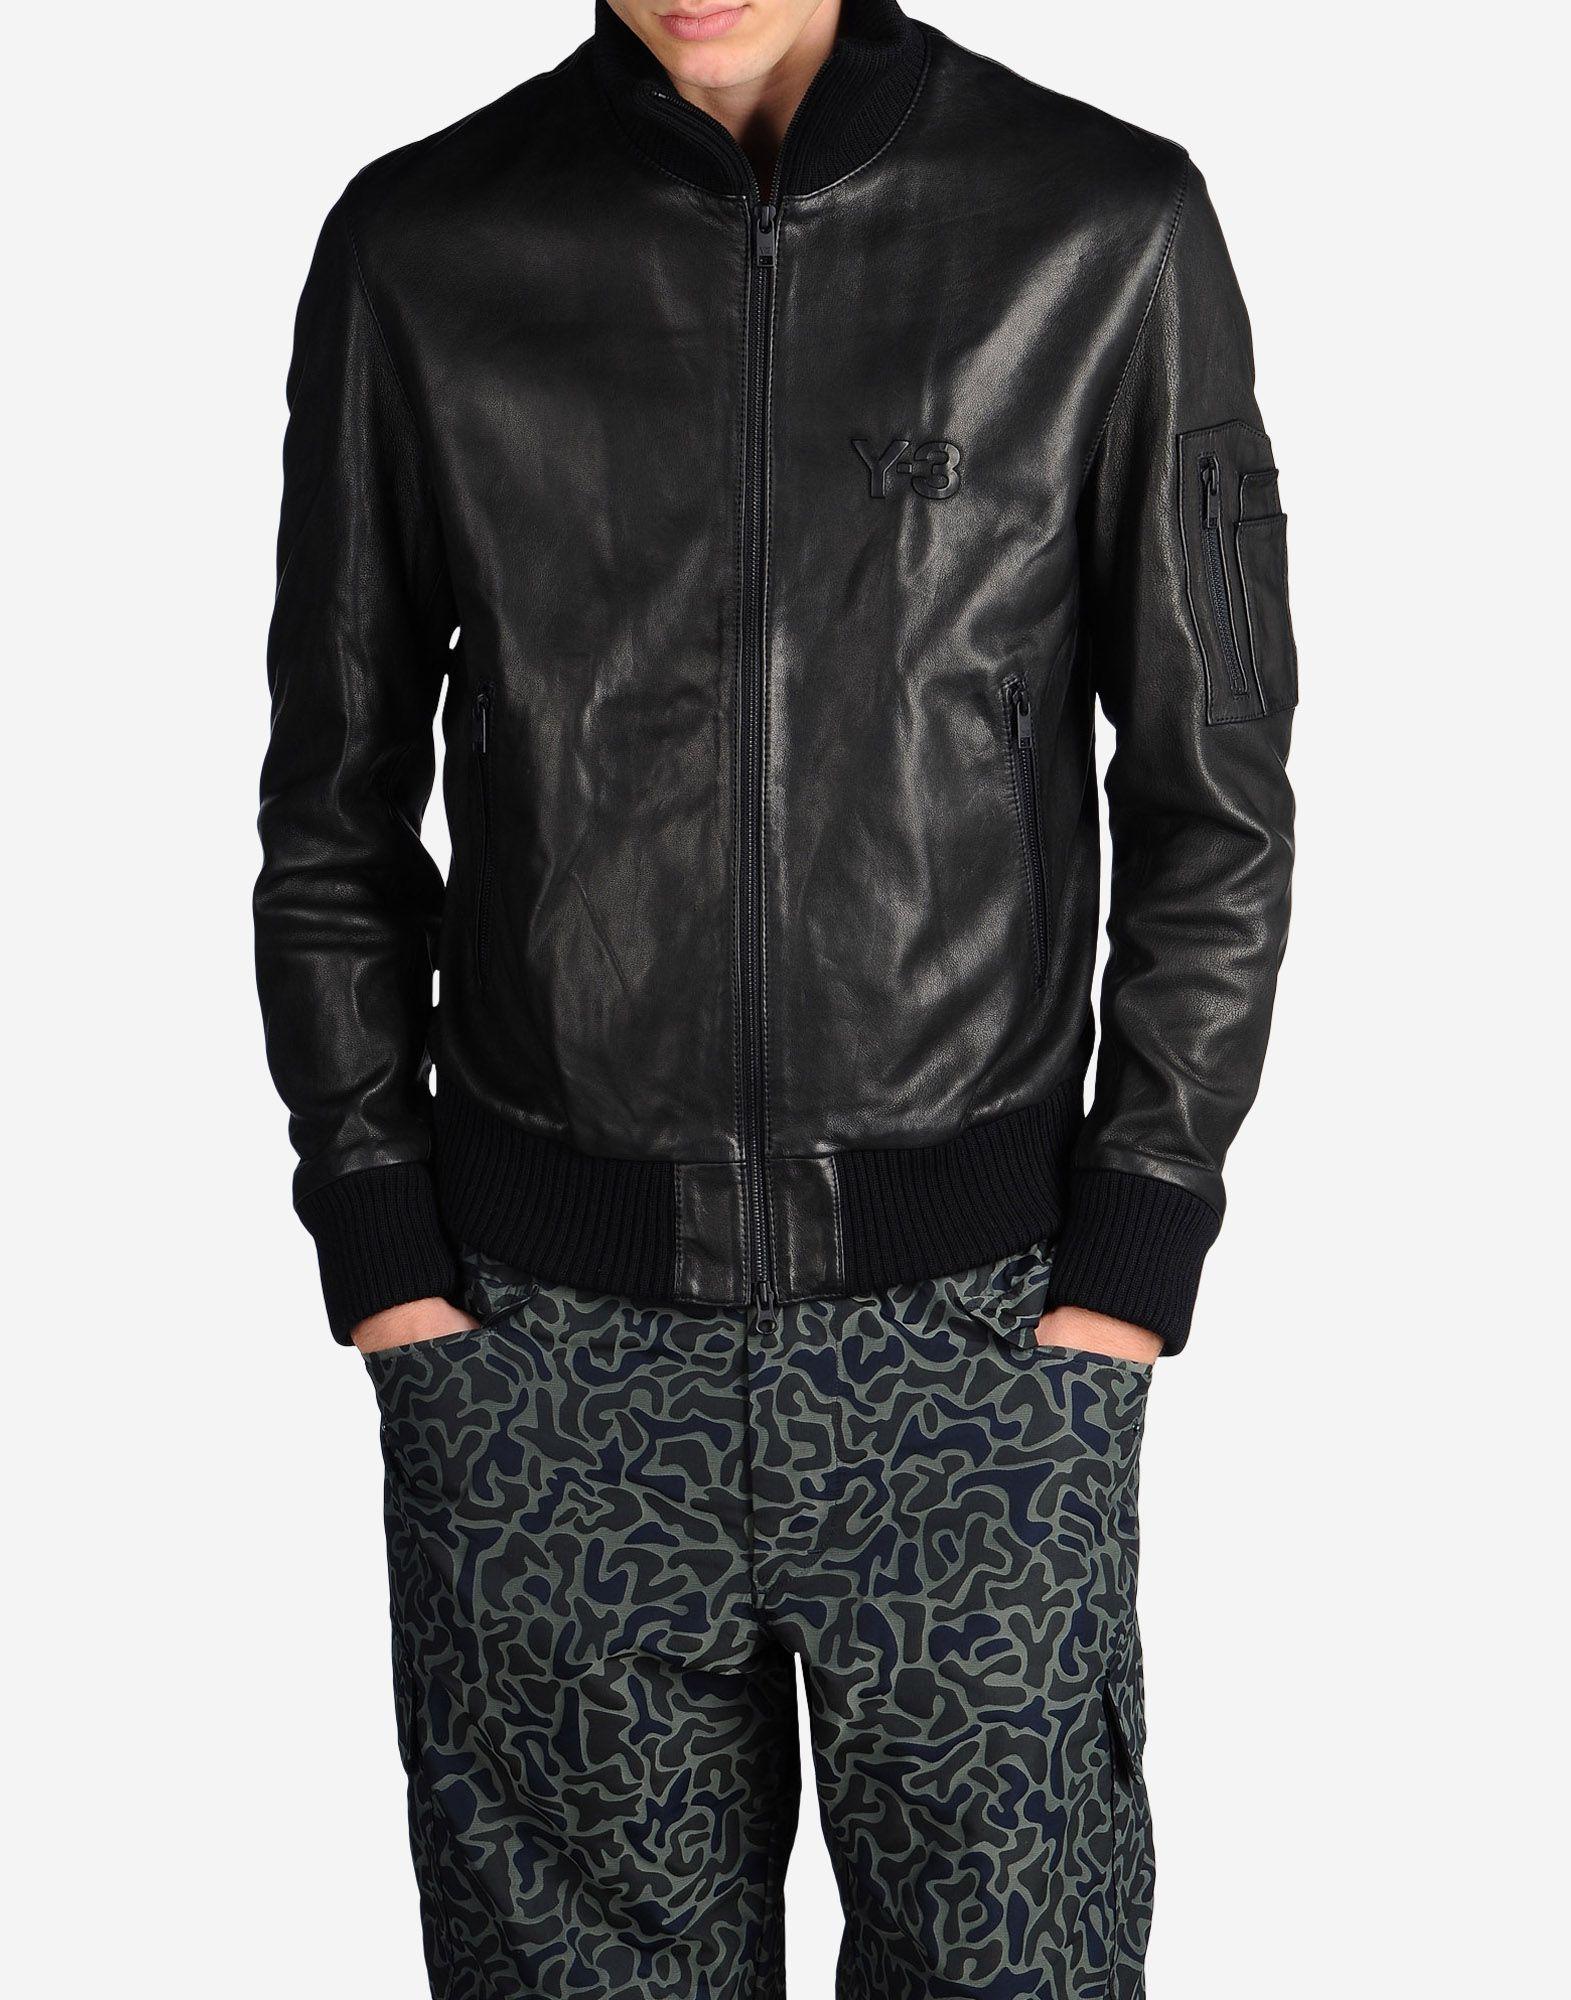 leather adidas jacket